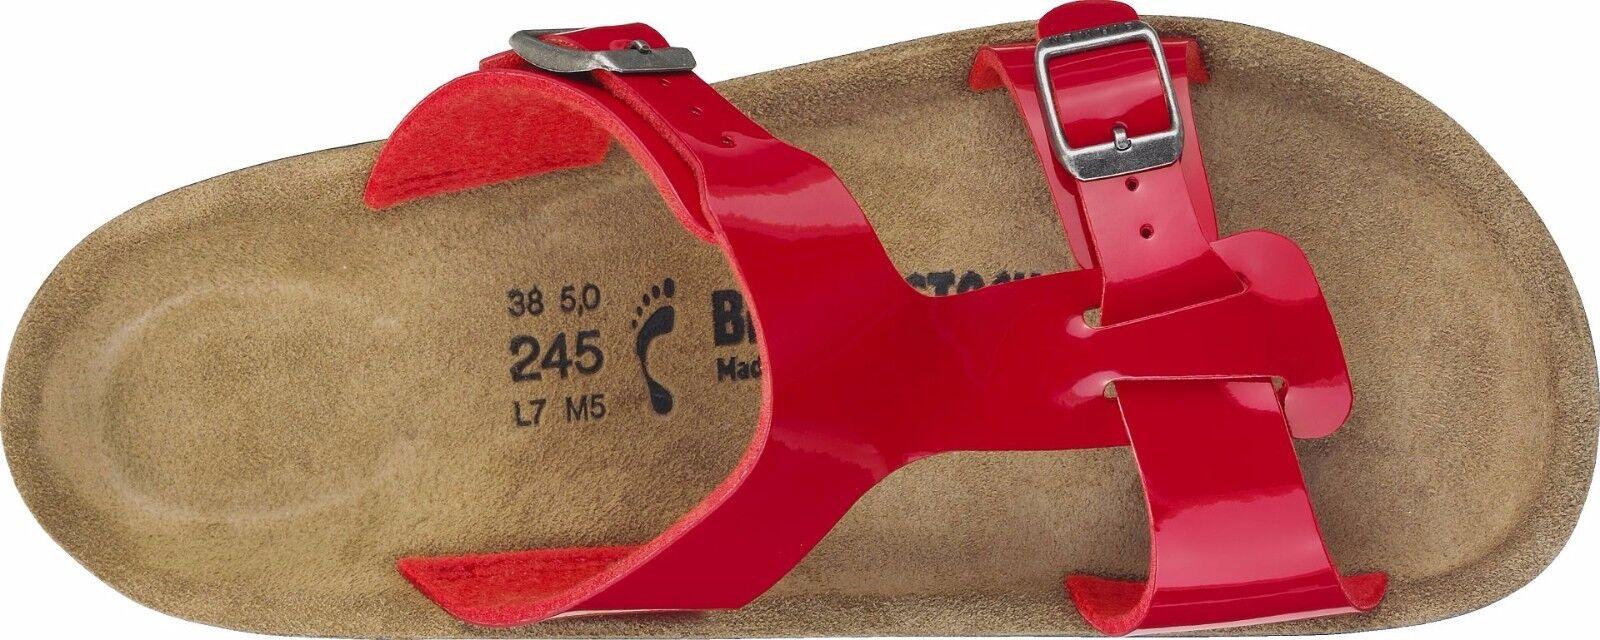 Birkenstock sofía tango red charol tamaño 36,37,38,39,40,41,42 plantilla estrecho